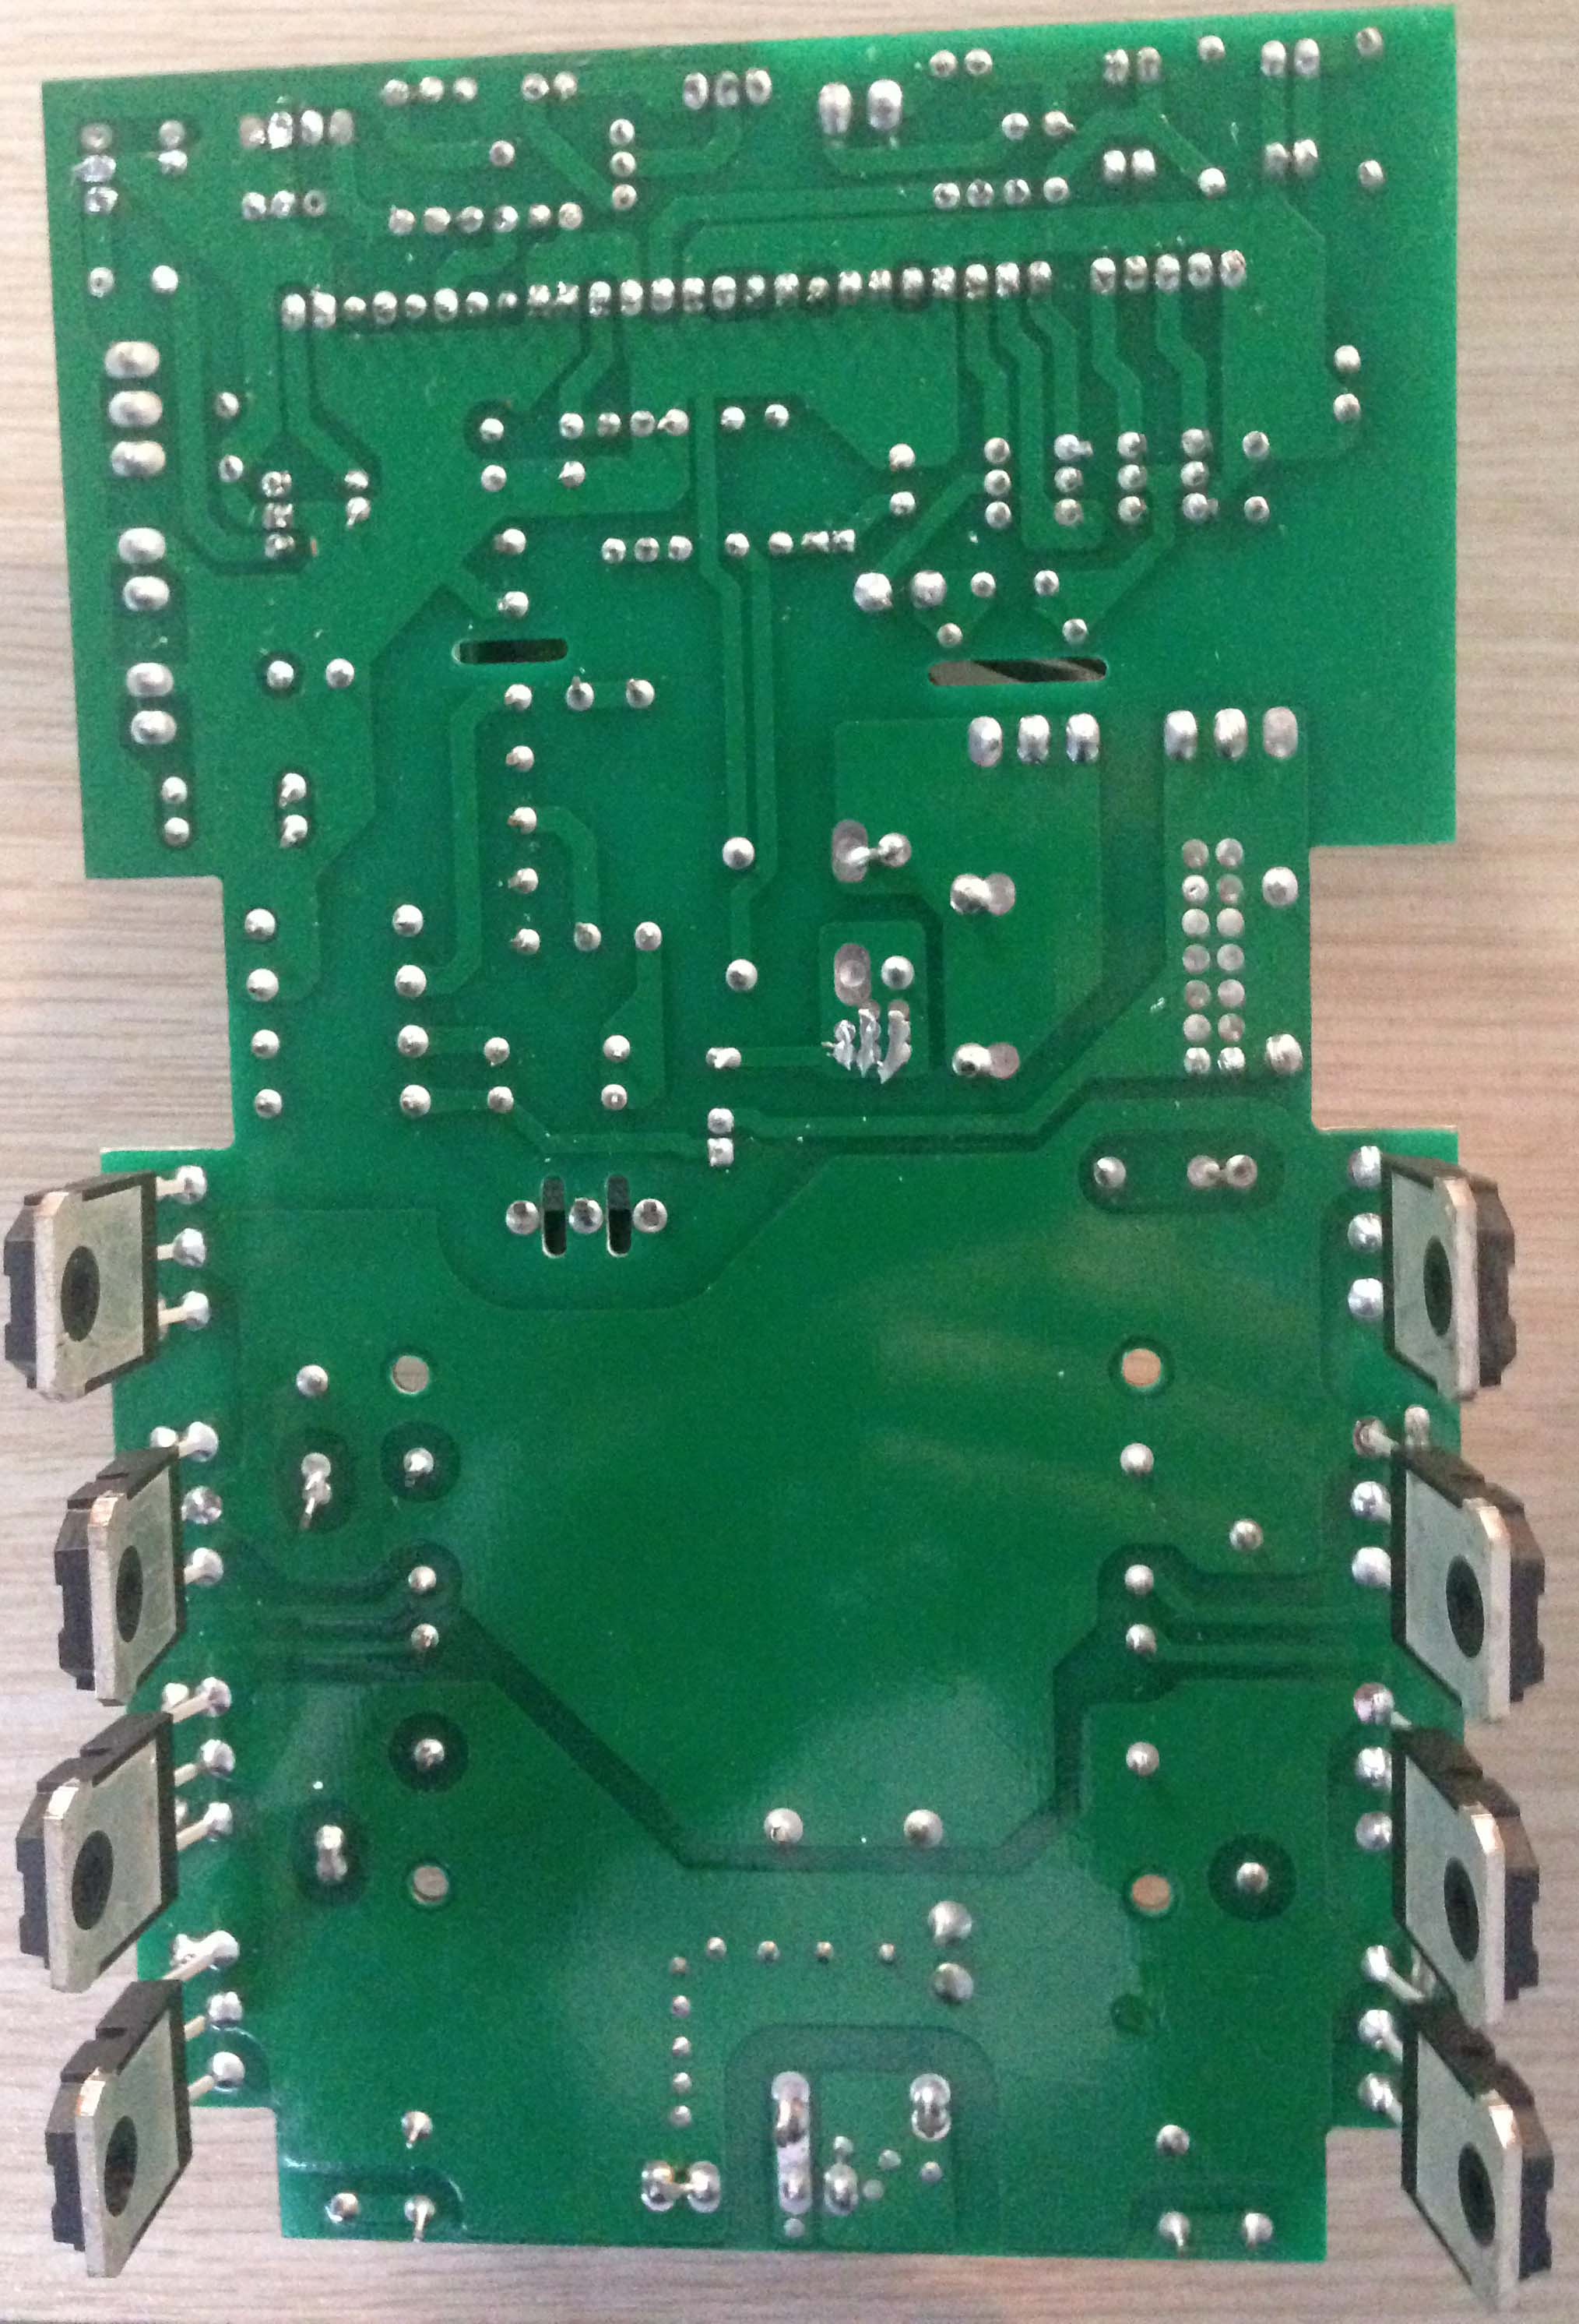 Сварочный аппарат монтажная плата ZX7-200 верхний инвертор для платы плата, монтажная плата ZX7-160 сварочная машина доска